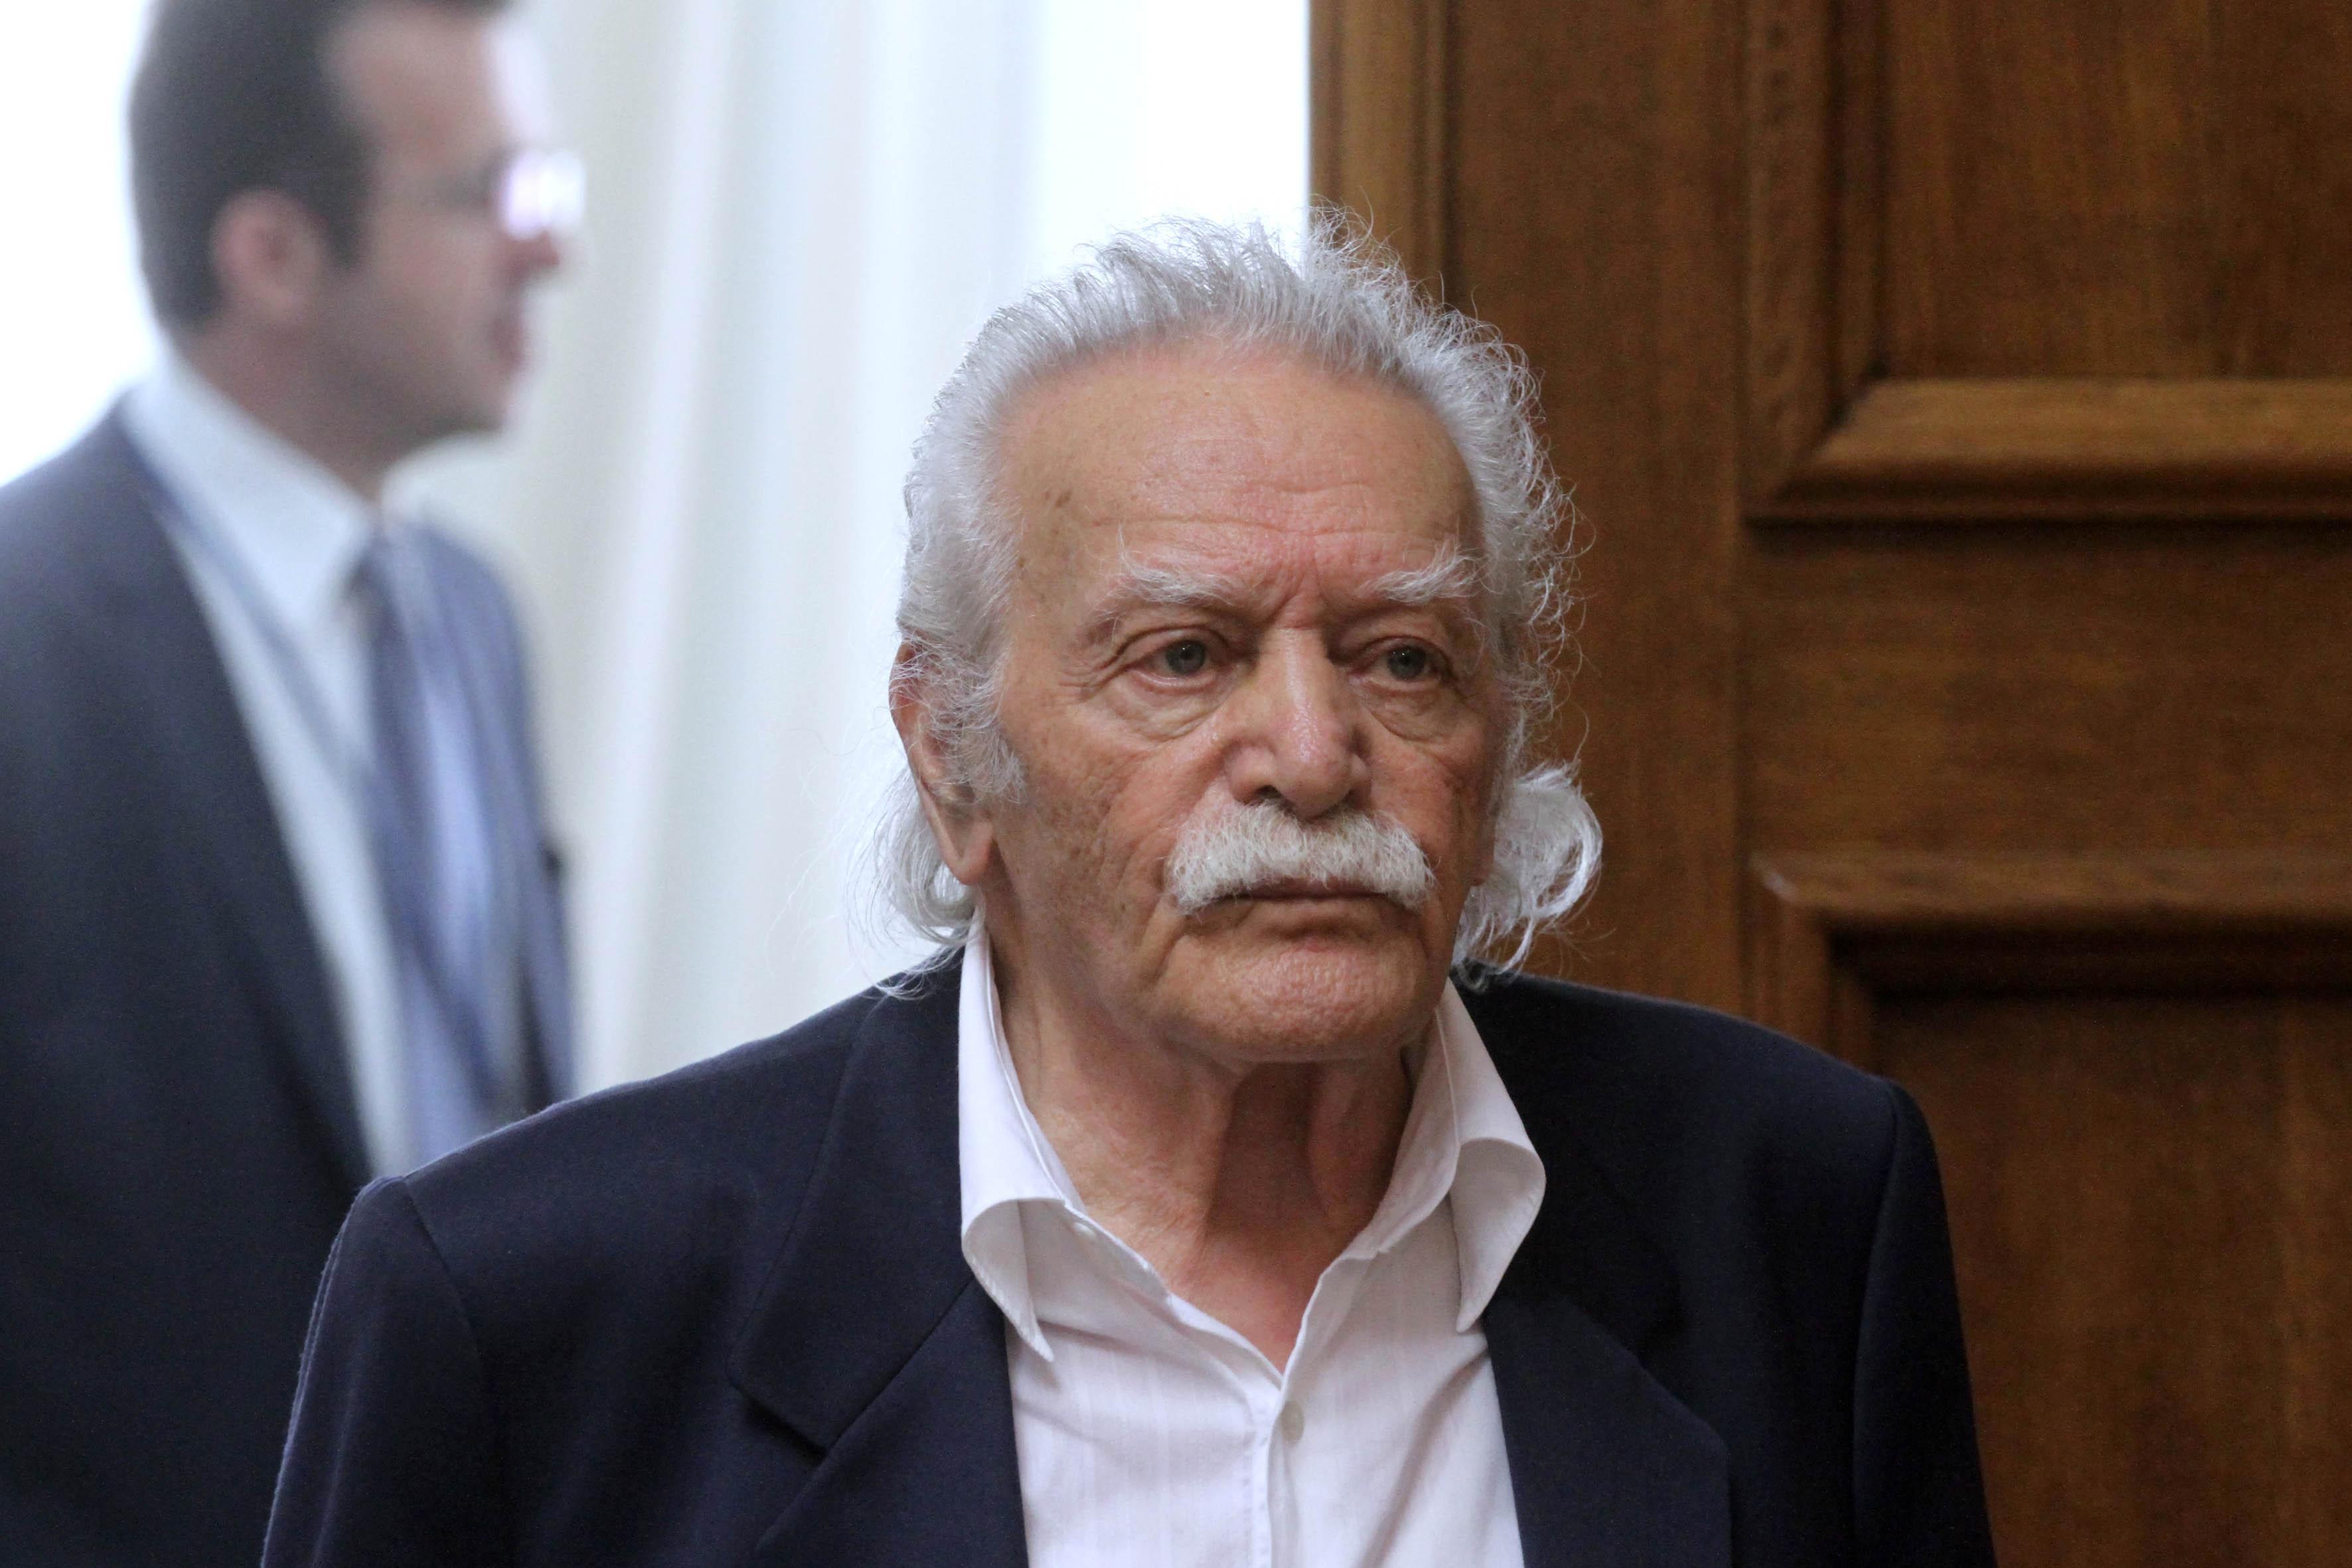 Γλέζος: Ζητώ συγγνώμη από τον Ελληνικό Λαό που συνήργησα στον συμβιβασμό!